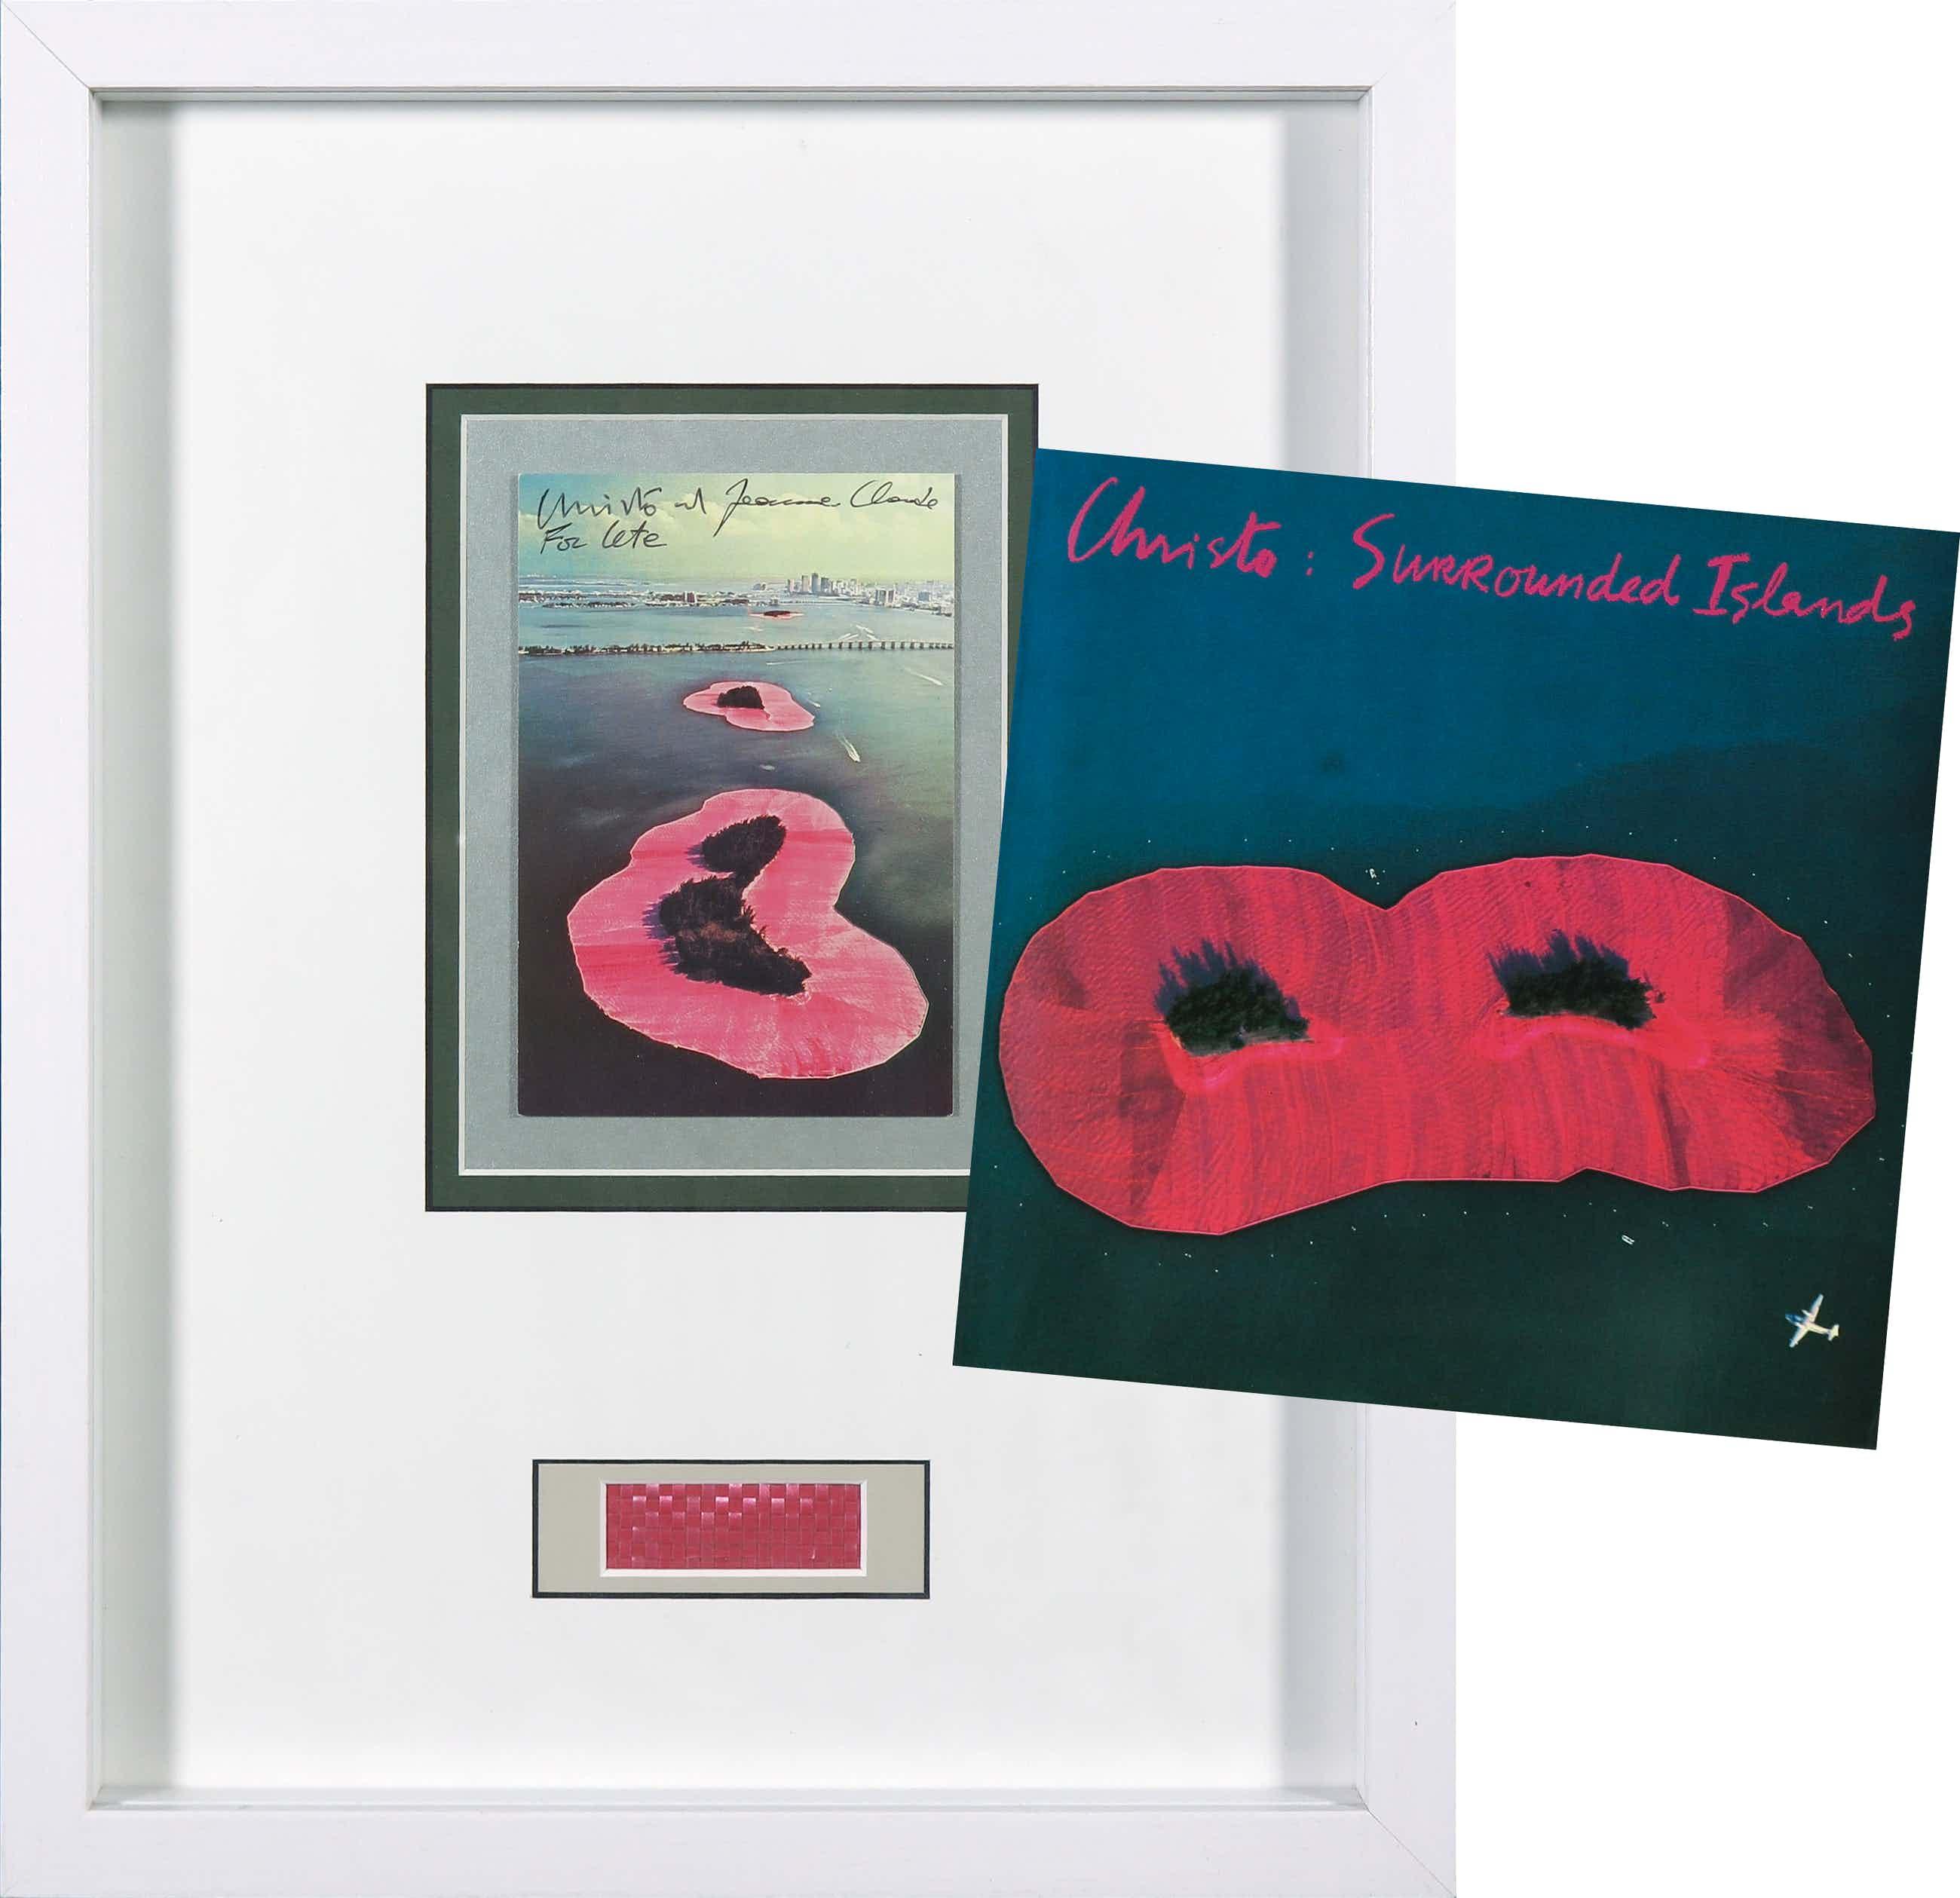 Christo - Handgesigneerde artcard Surrounded Islands + boek kopen? Bied vanaf 140!